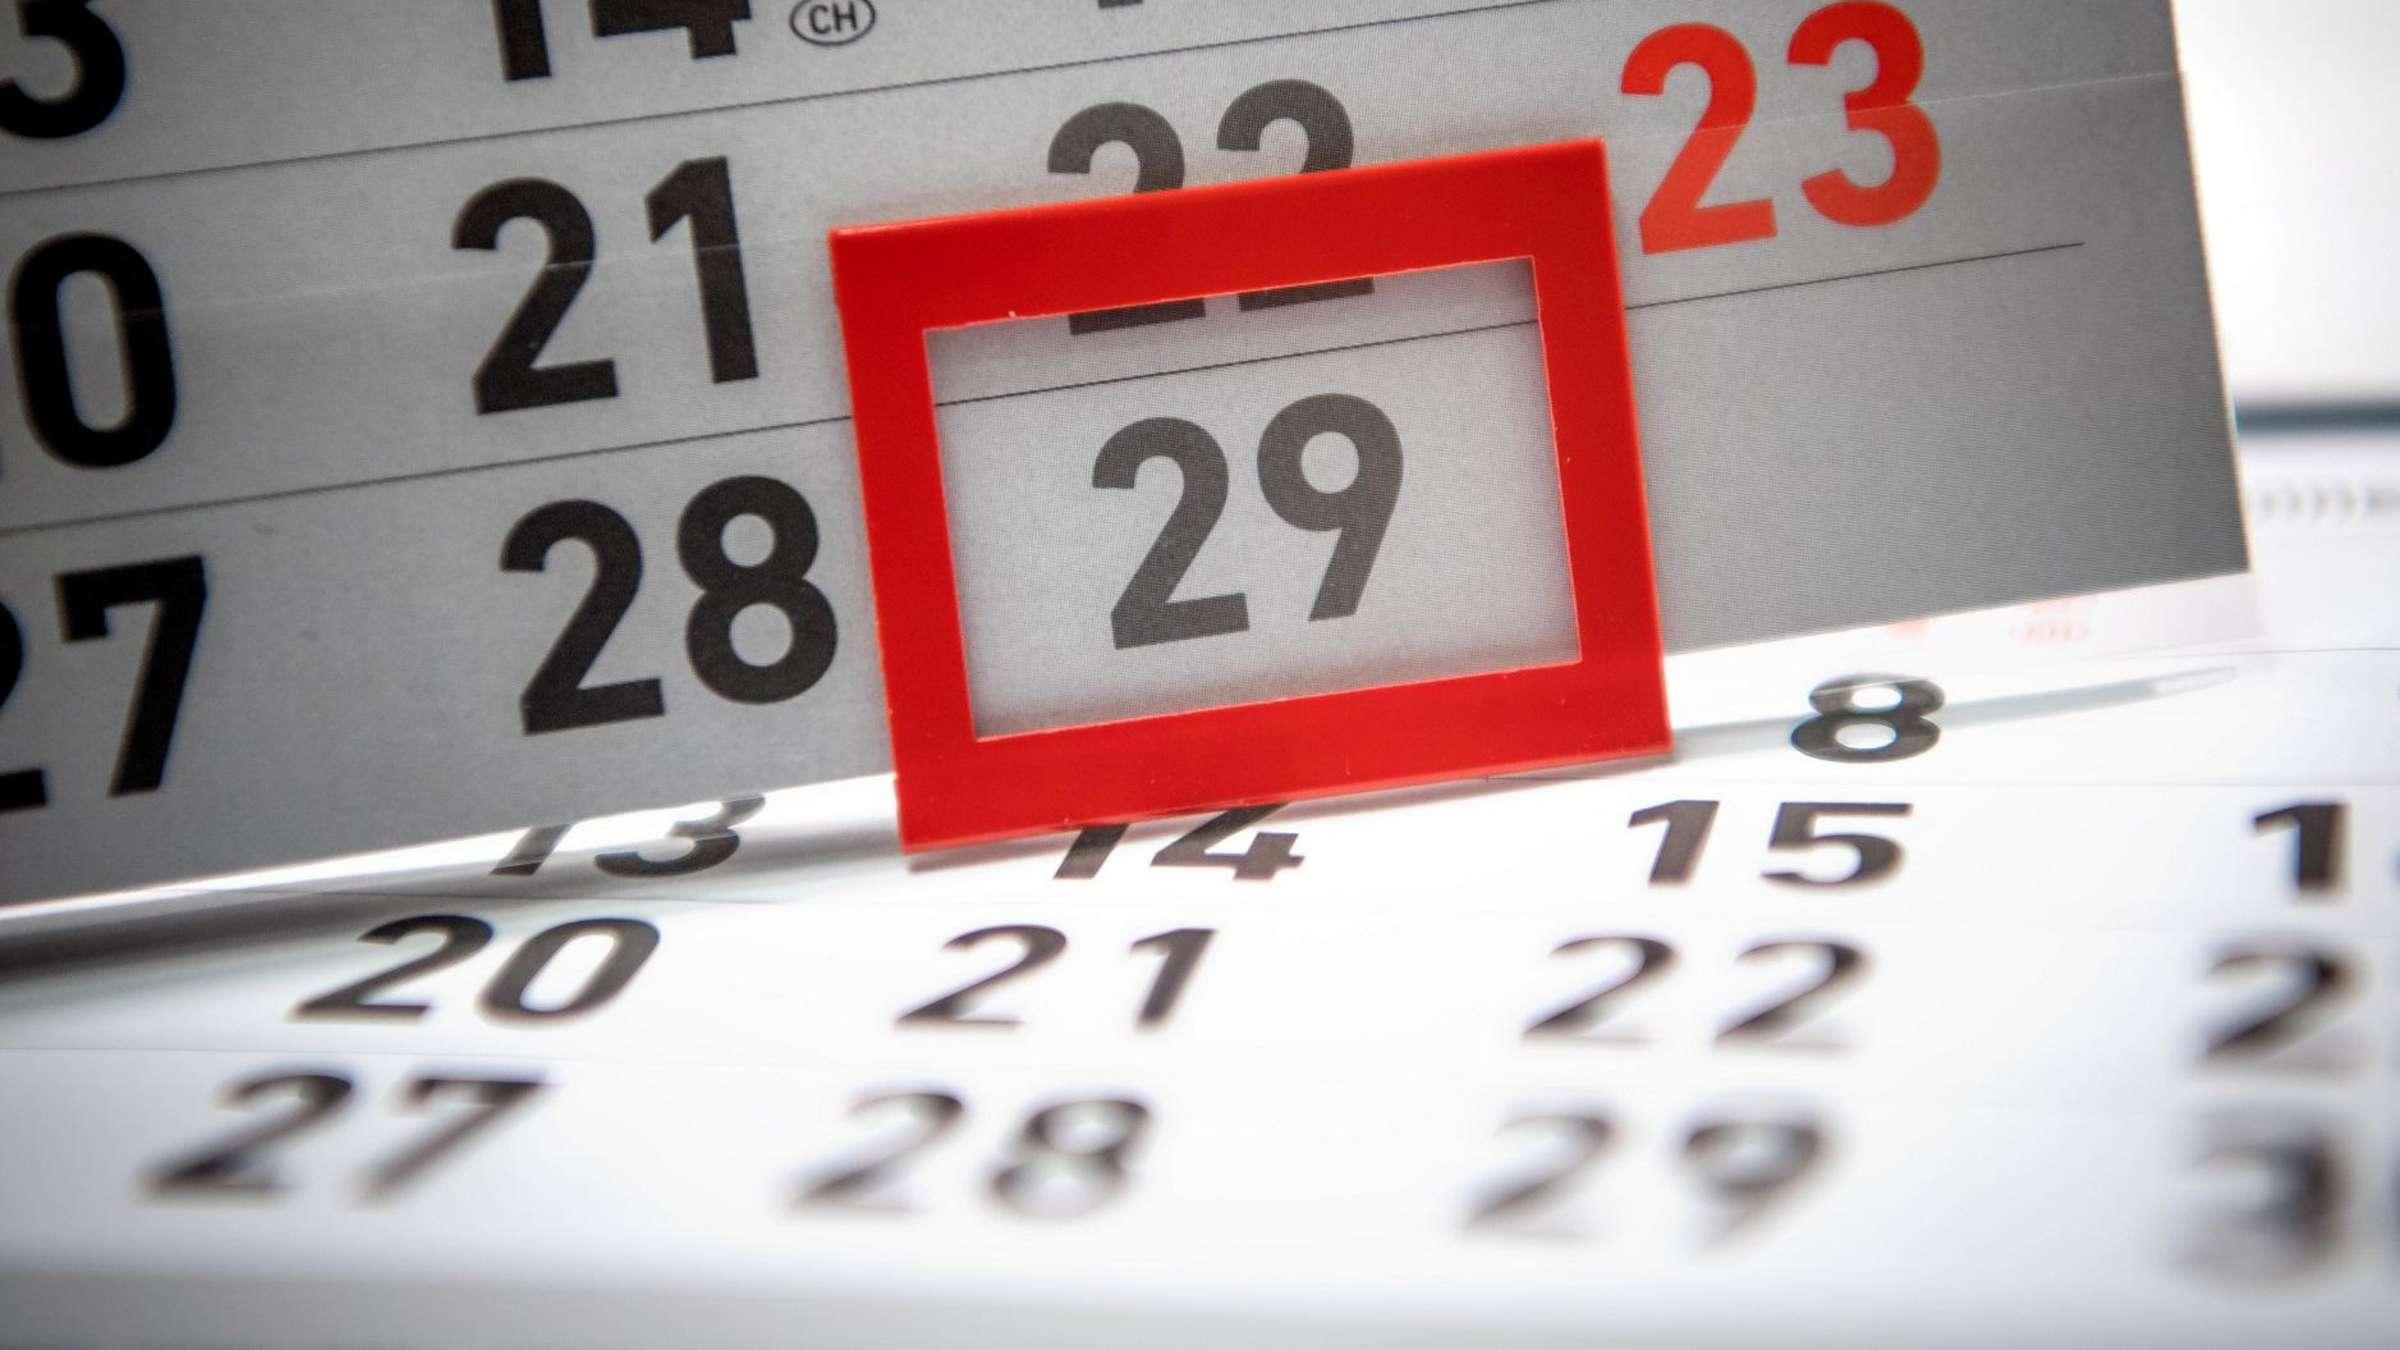 Ferien Nordrhein Westfalen 2021 Ferienkalender Zum Ausdrucken